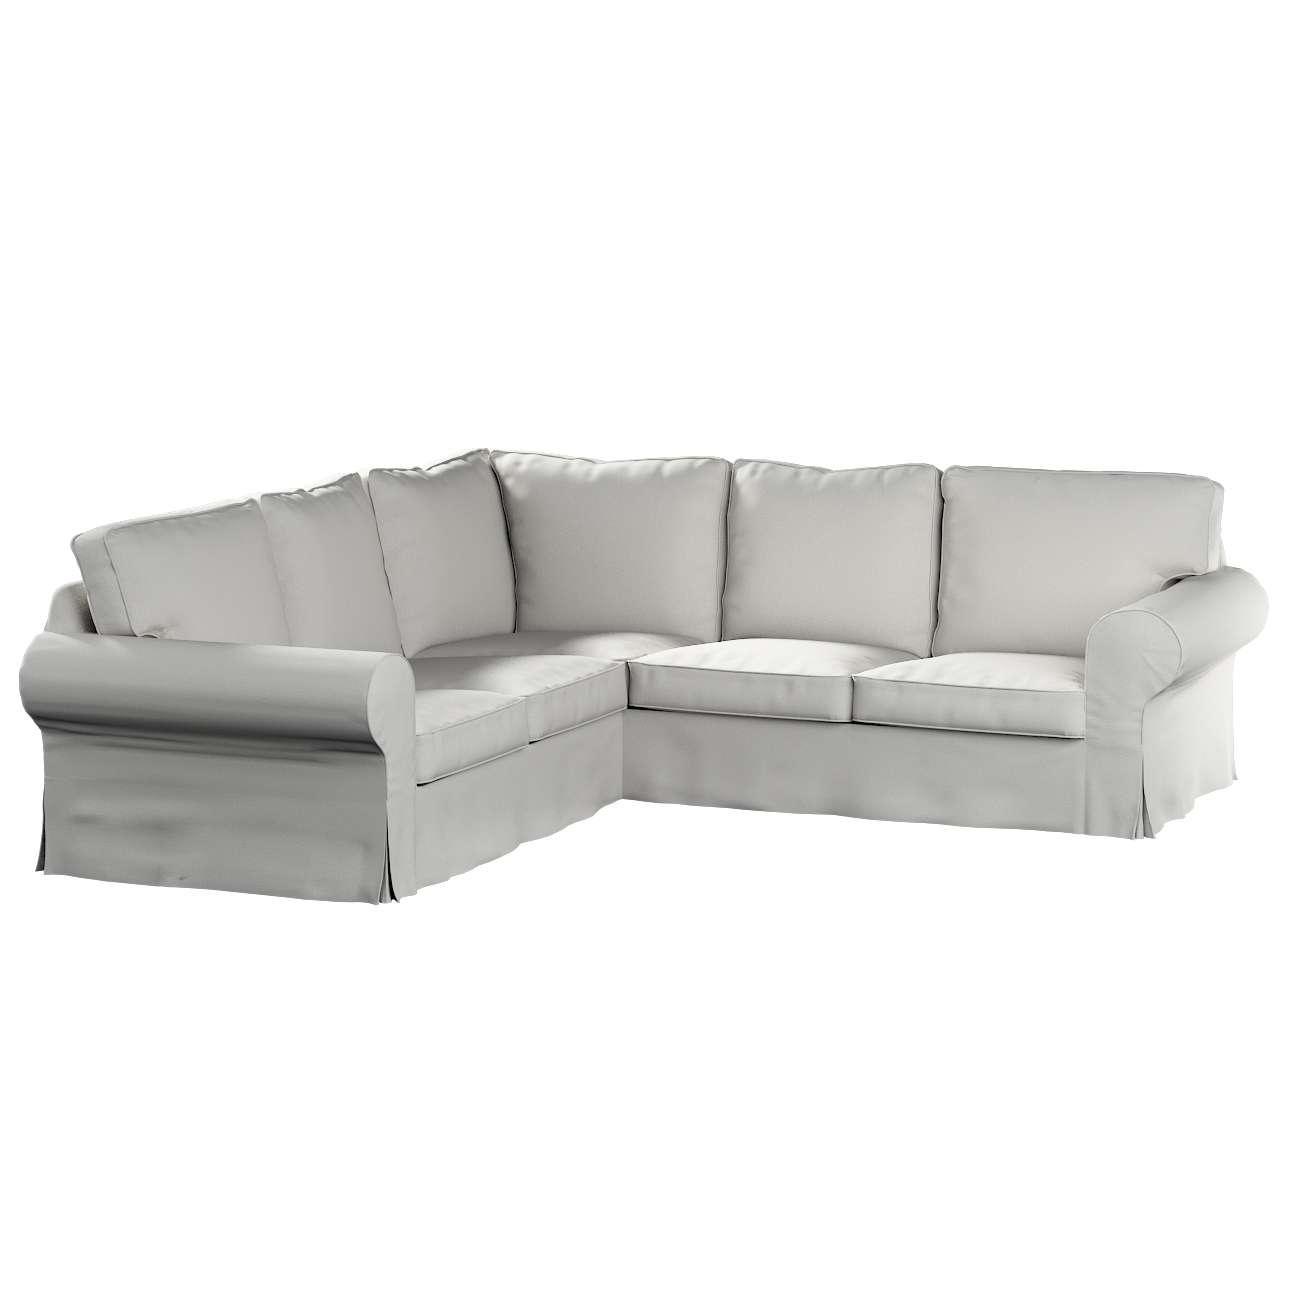 Pokrowiec na sofę Ektorp narożną Sofa Ektorp narożna w kolekcji Etna , tkanina: 705-90